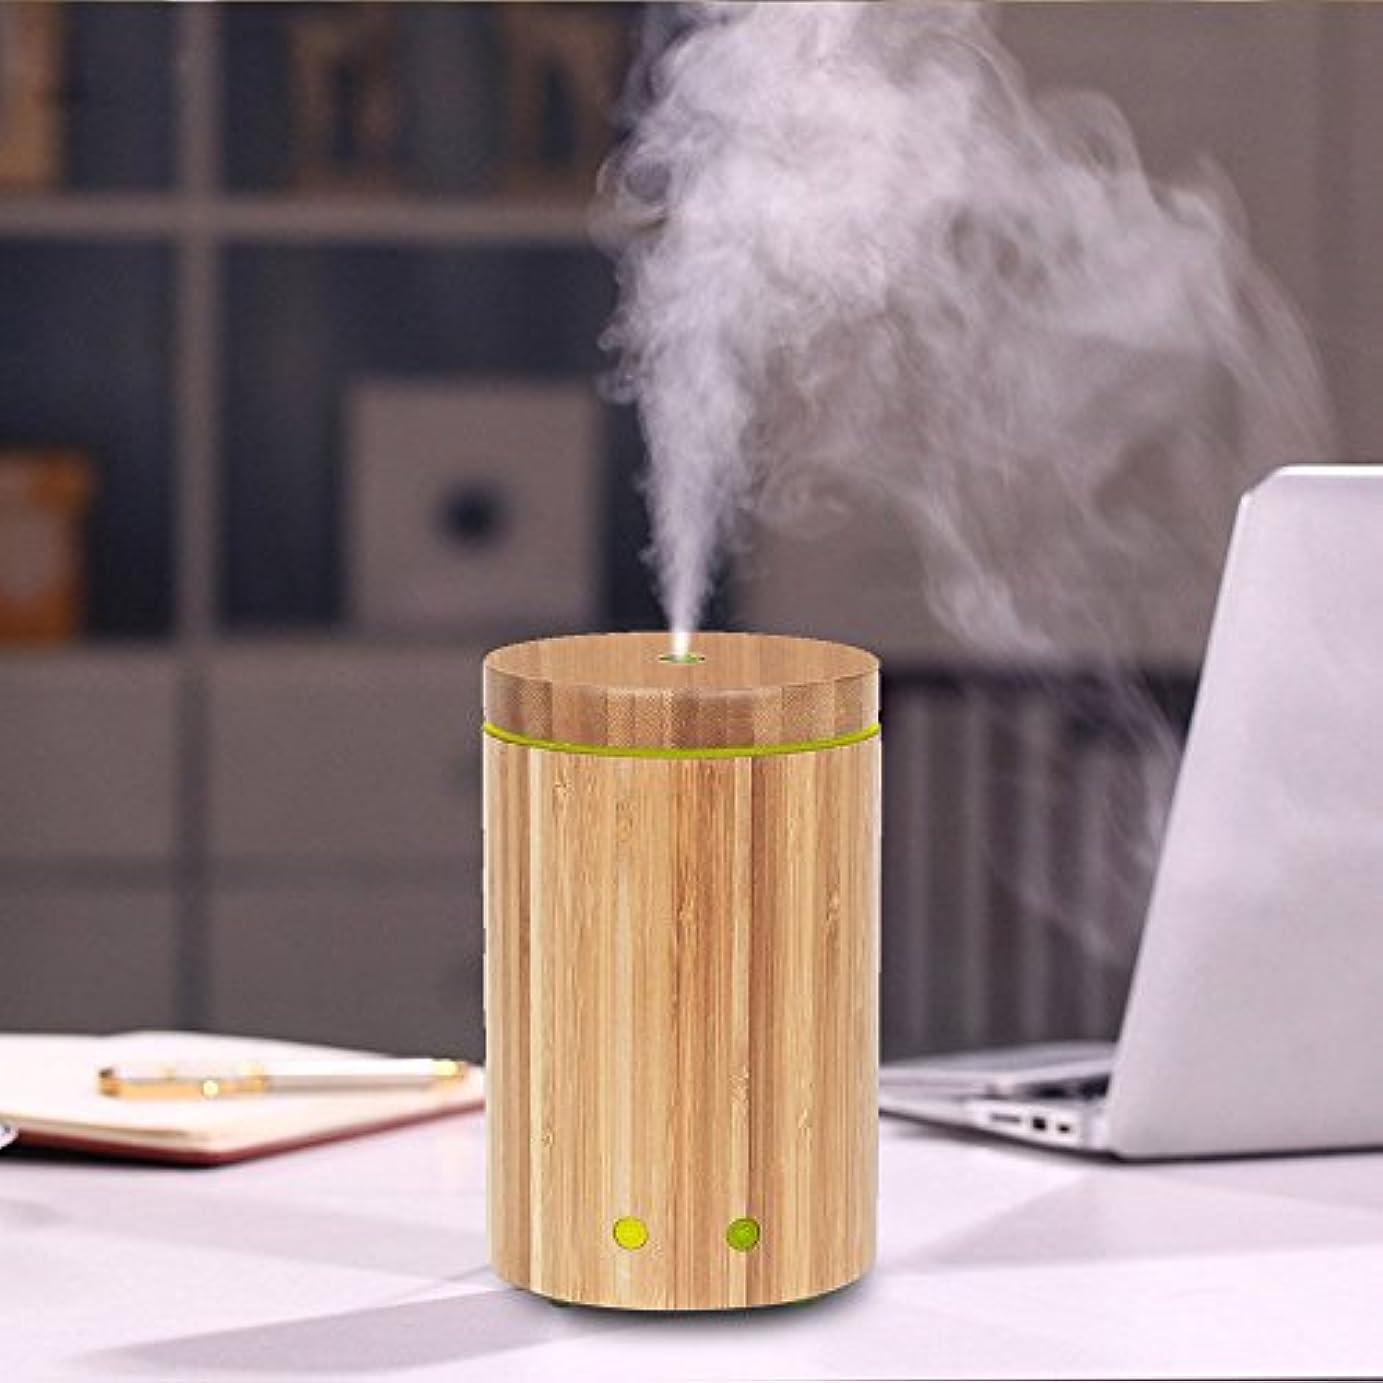 チキンフォアマン弁護人YOUDirect Mist Humidifier - Bamboo Essential Oil Diffuser Ultrasonic Aromatherapy Air Refresher with 7 LED Color...